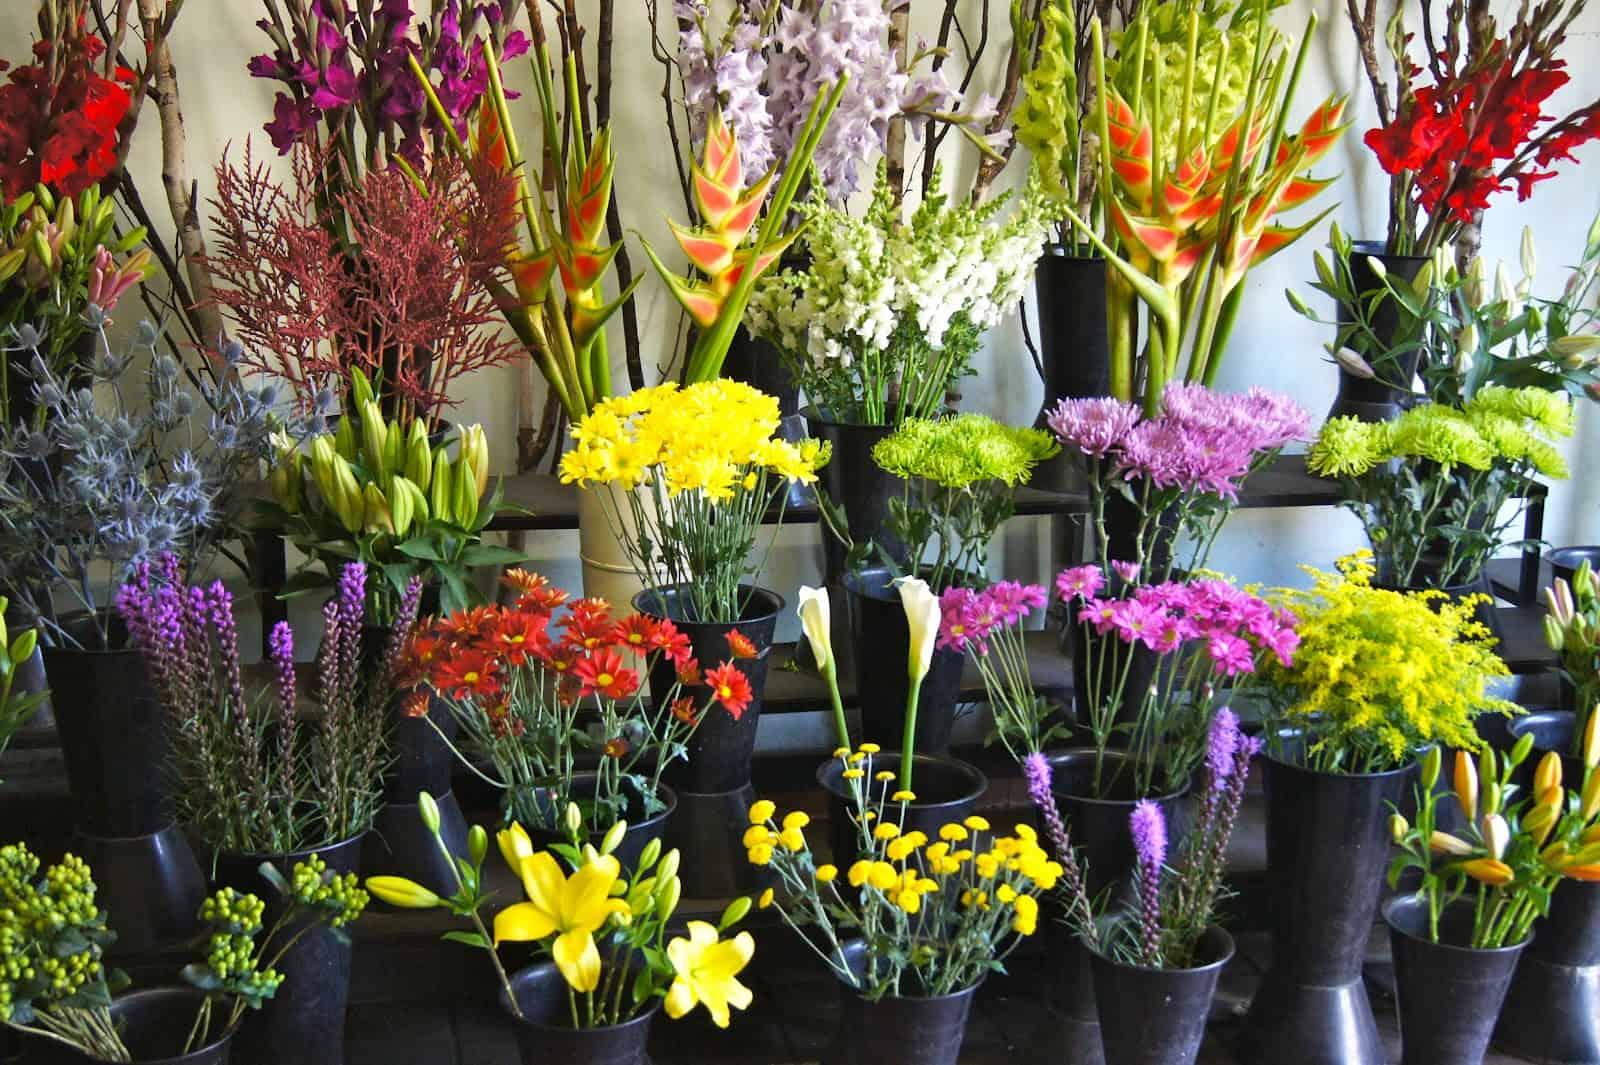 Wholesale Flowers in buckets Bud Friendly Beauty